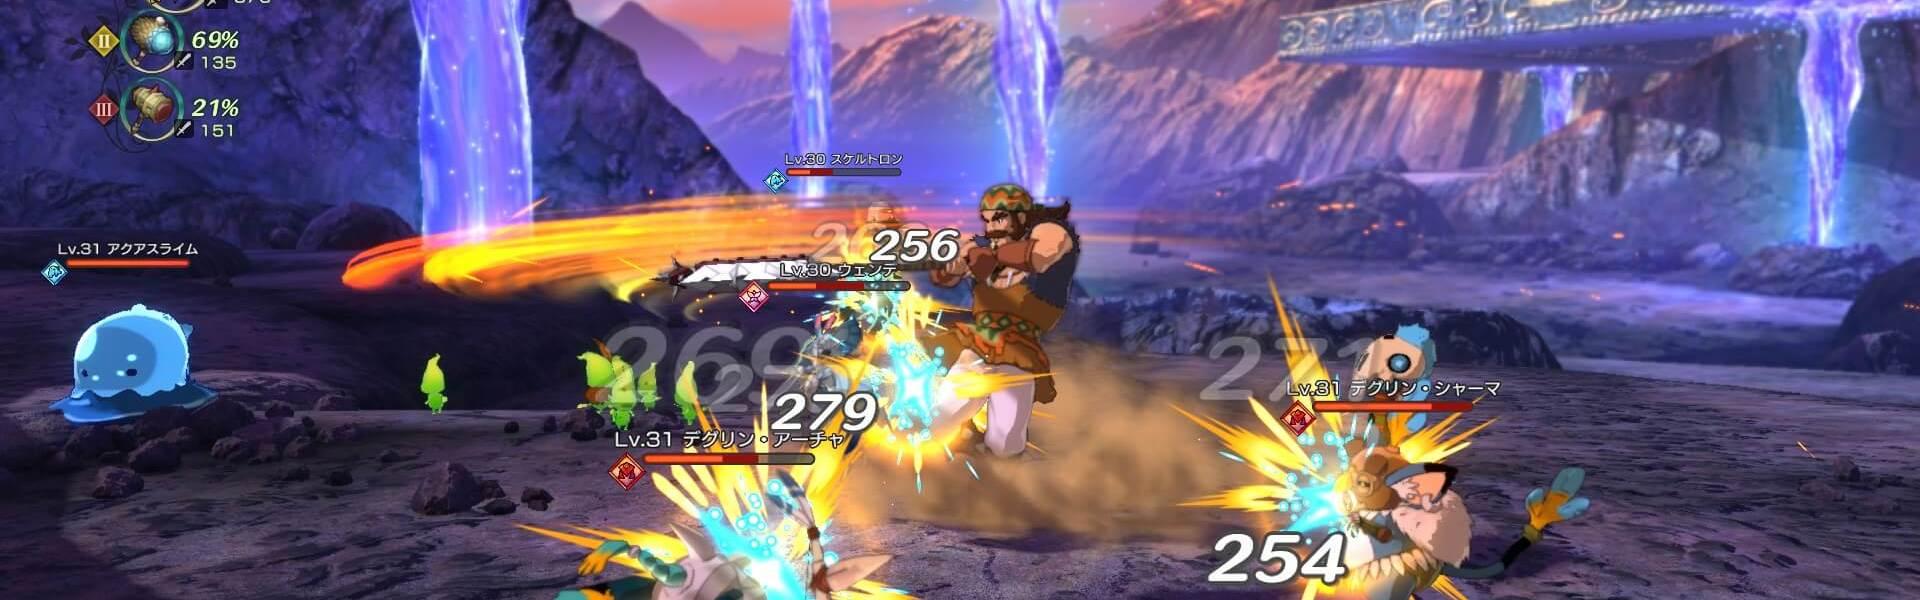 Ni No Kuni 2 Revenant Kingdom - Season Pass (DLC) Steam Key GLOBAL